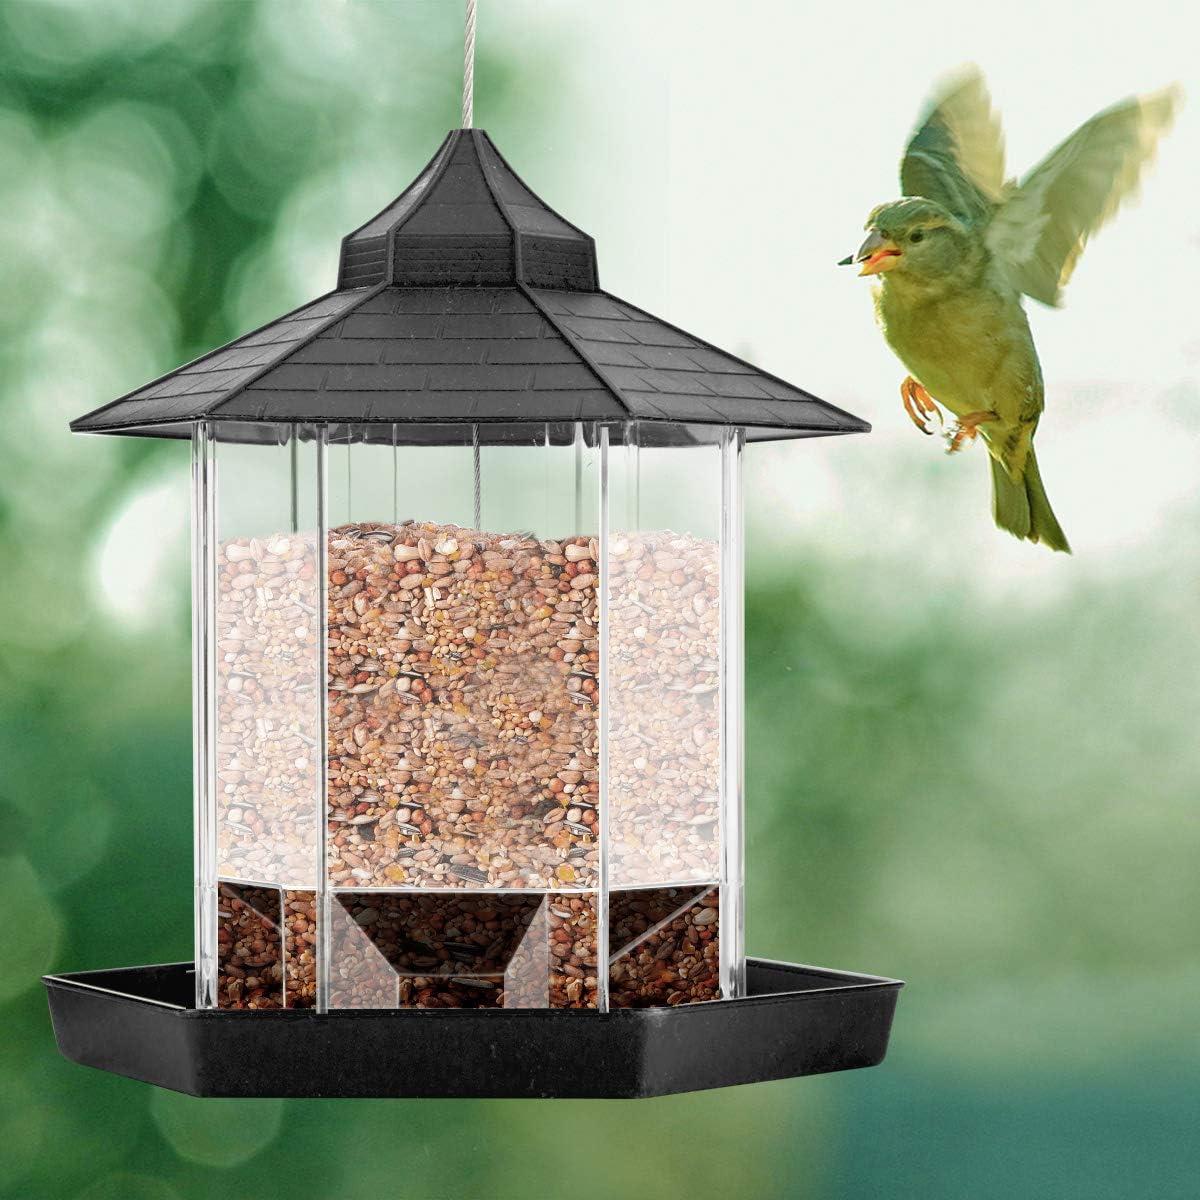 Tianhaik Comedero para Pájaros Colgante de Gran Capacidad Contenedor de Alimentos Automático con Decoración de Patio de Jardín de Techo